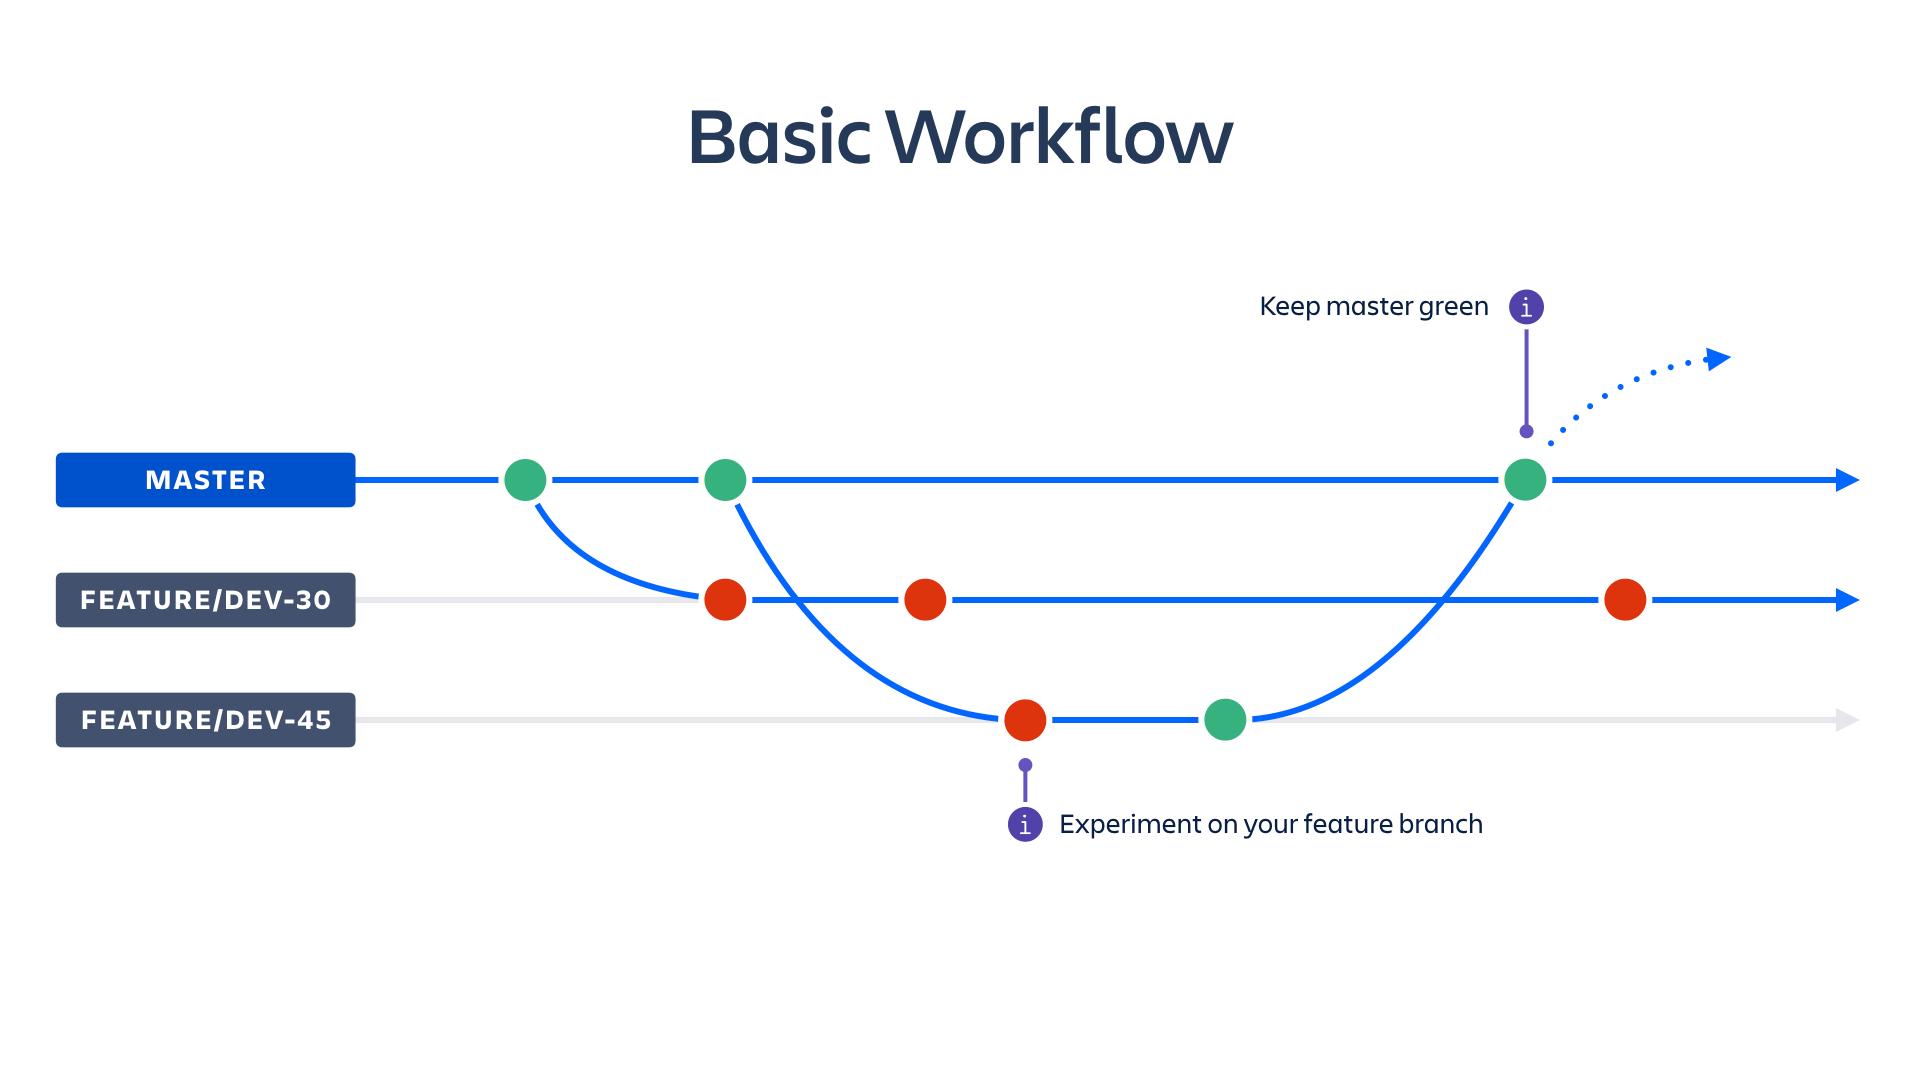 基本的なワークフロー図 | Atlassian CI/CD